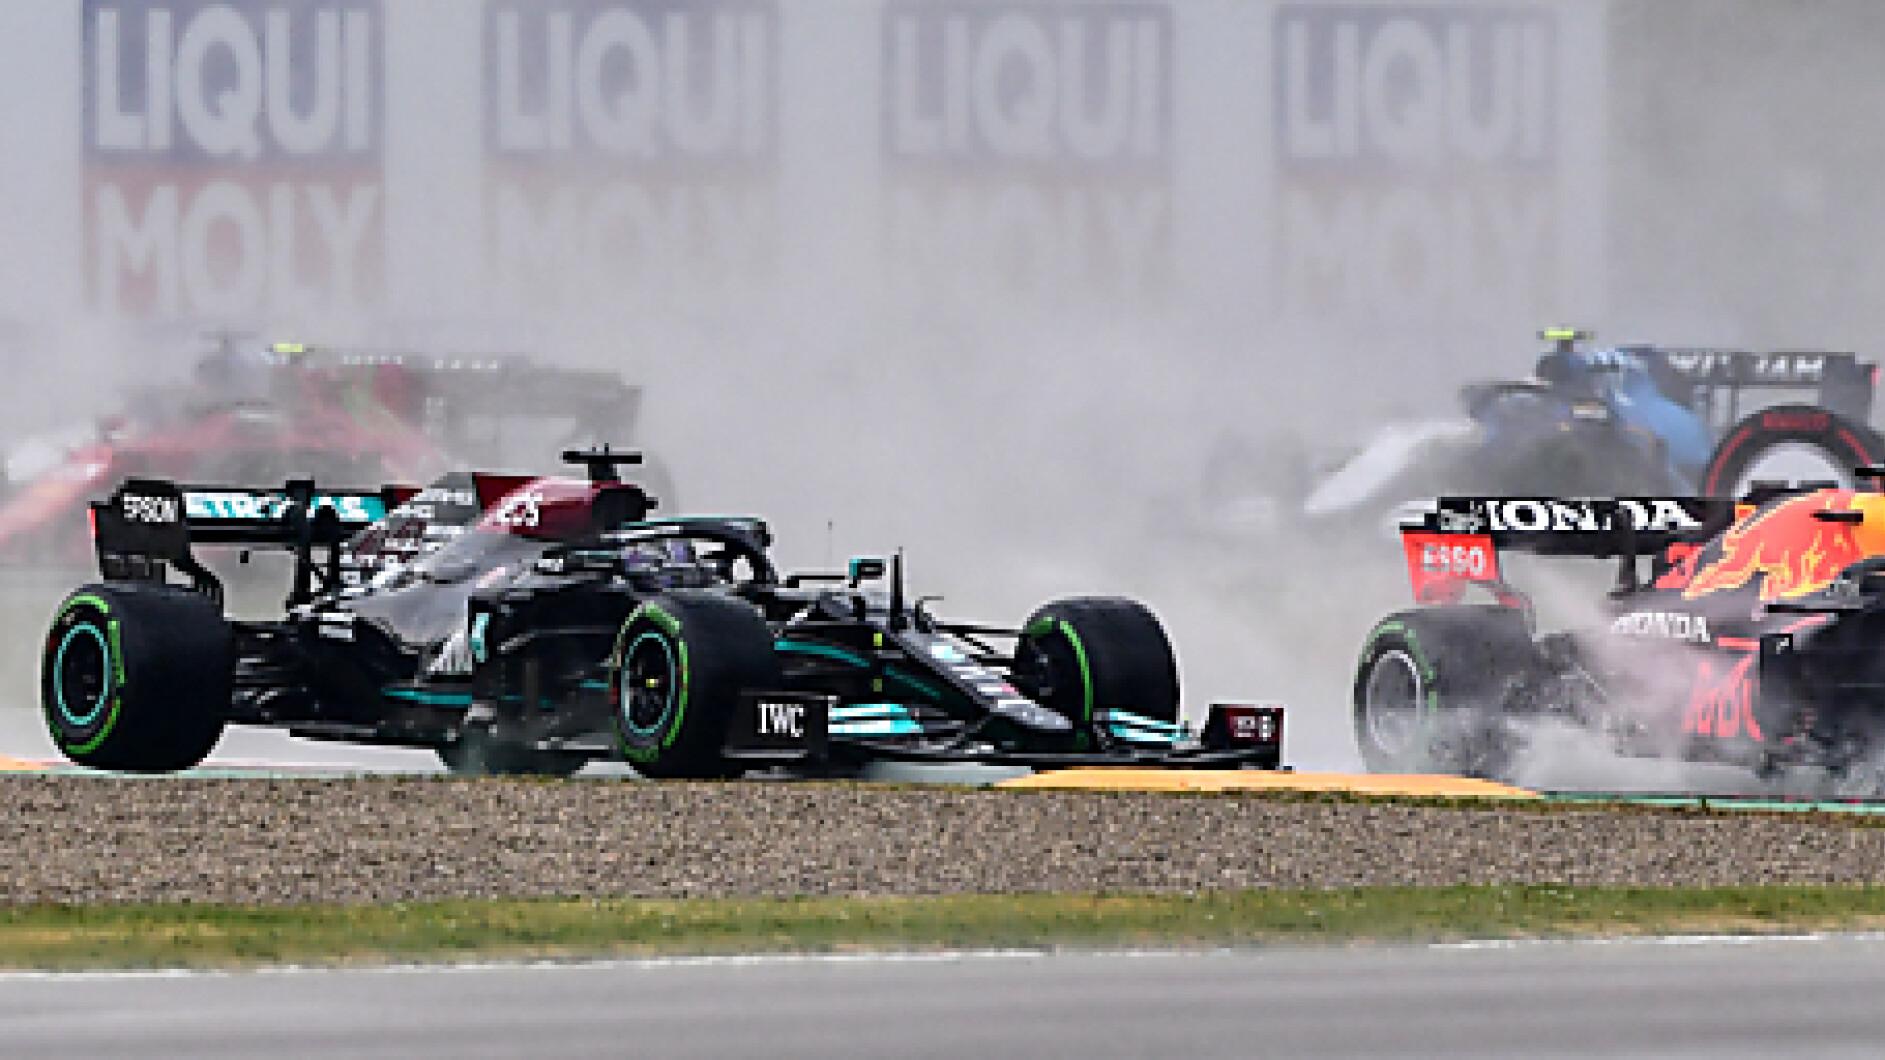 Formel-1-Chaotischer-Imola-GP-nach-schwerem-Unfall-unterbrochen